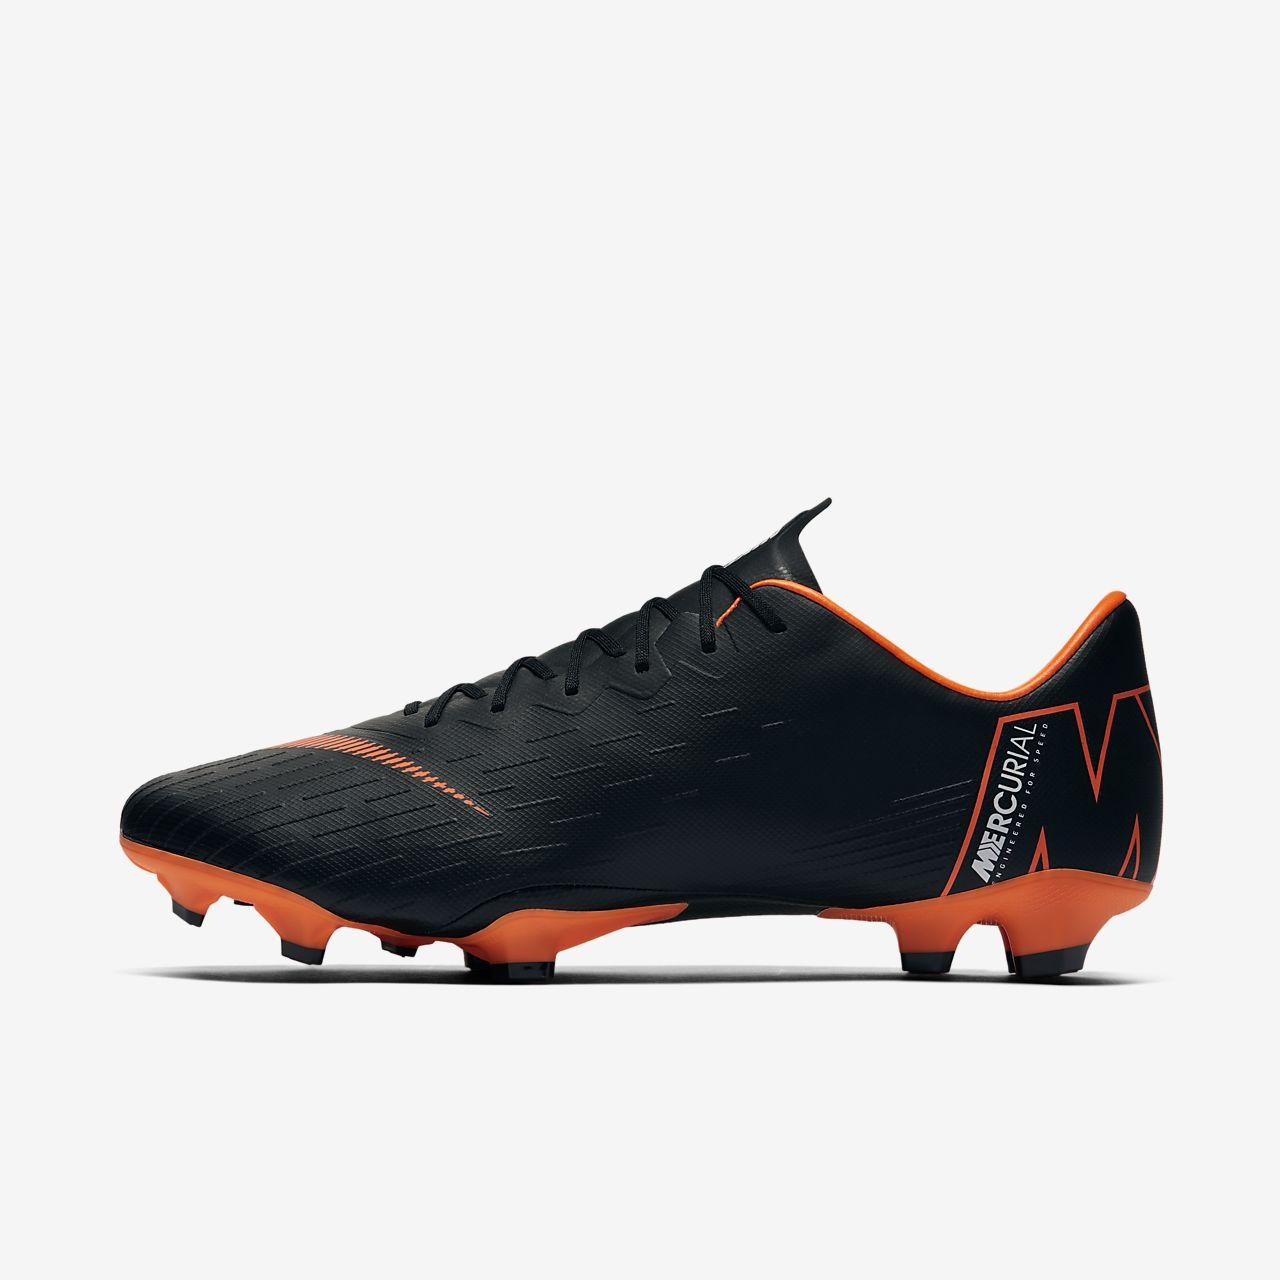 Nike Mercurial Vapor XI Firm-Ground Women's Football Shoes Black iY6229U